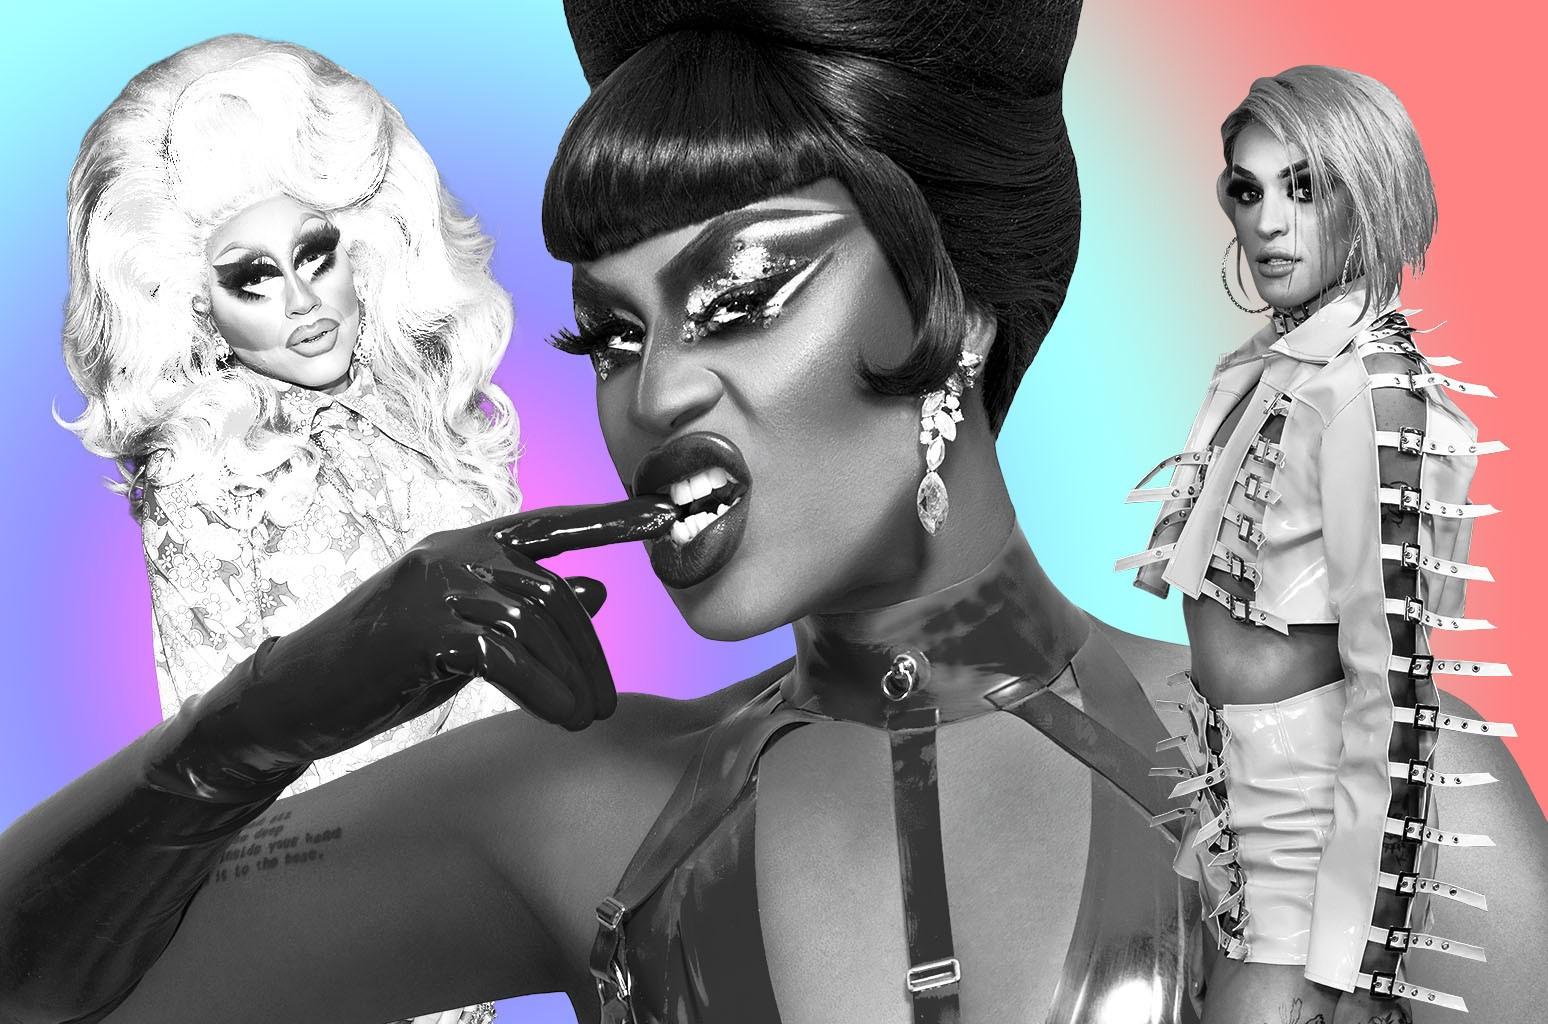 The 10 Best Drag Queen Music Videos Of 2018 Billboard Billboard